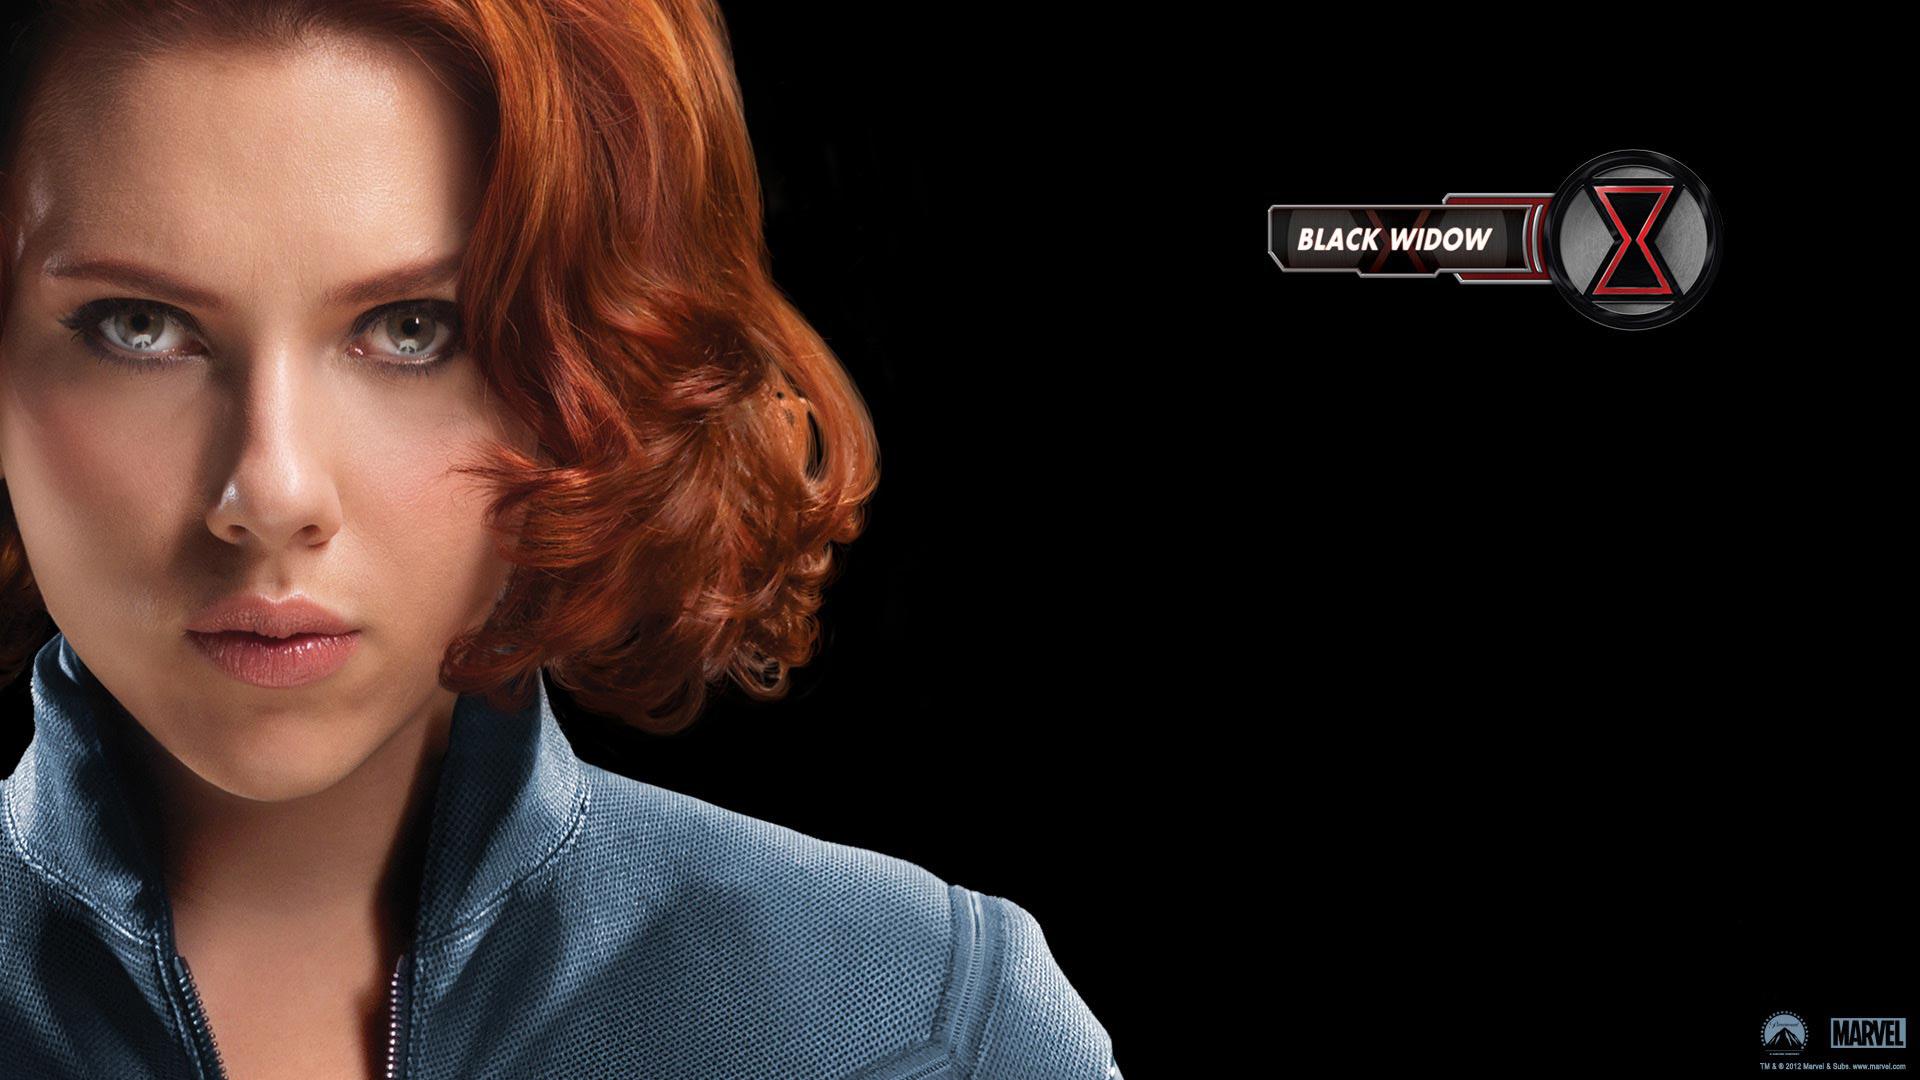 Black Widow in Avengers Movie wallpaper